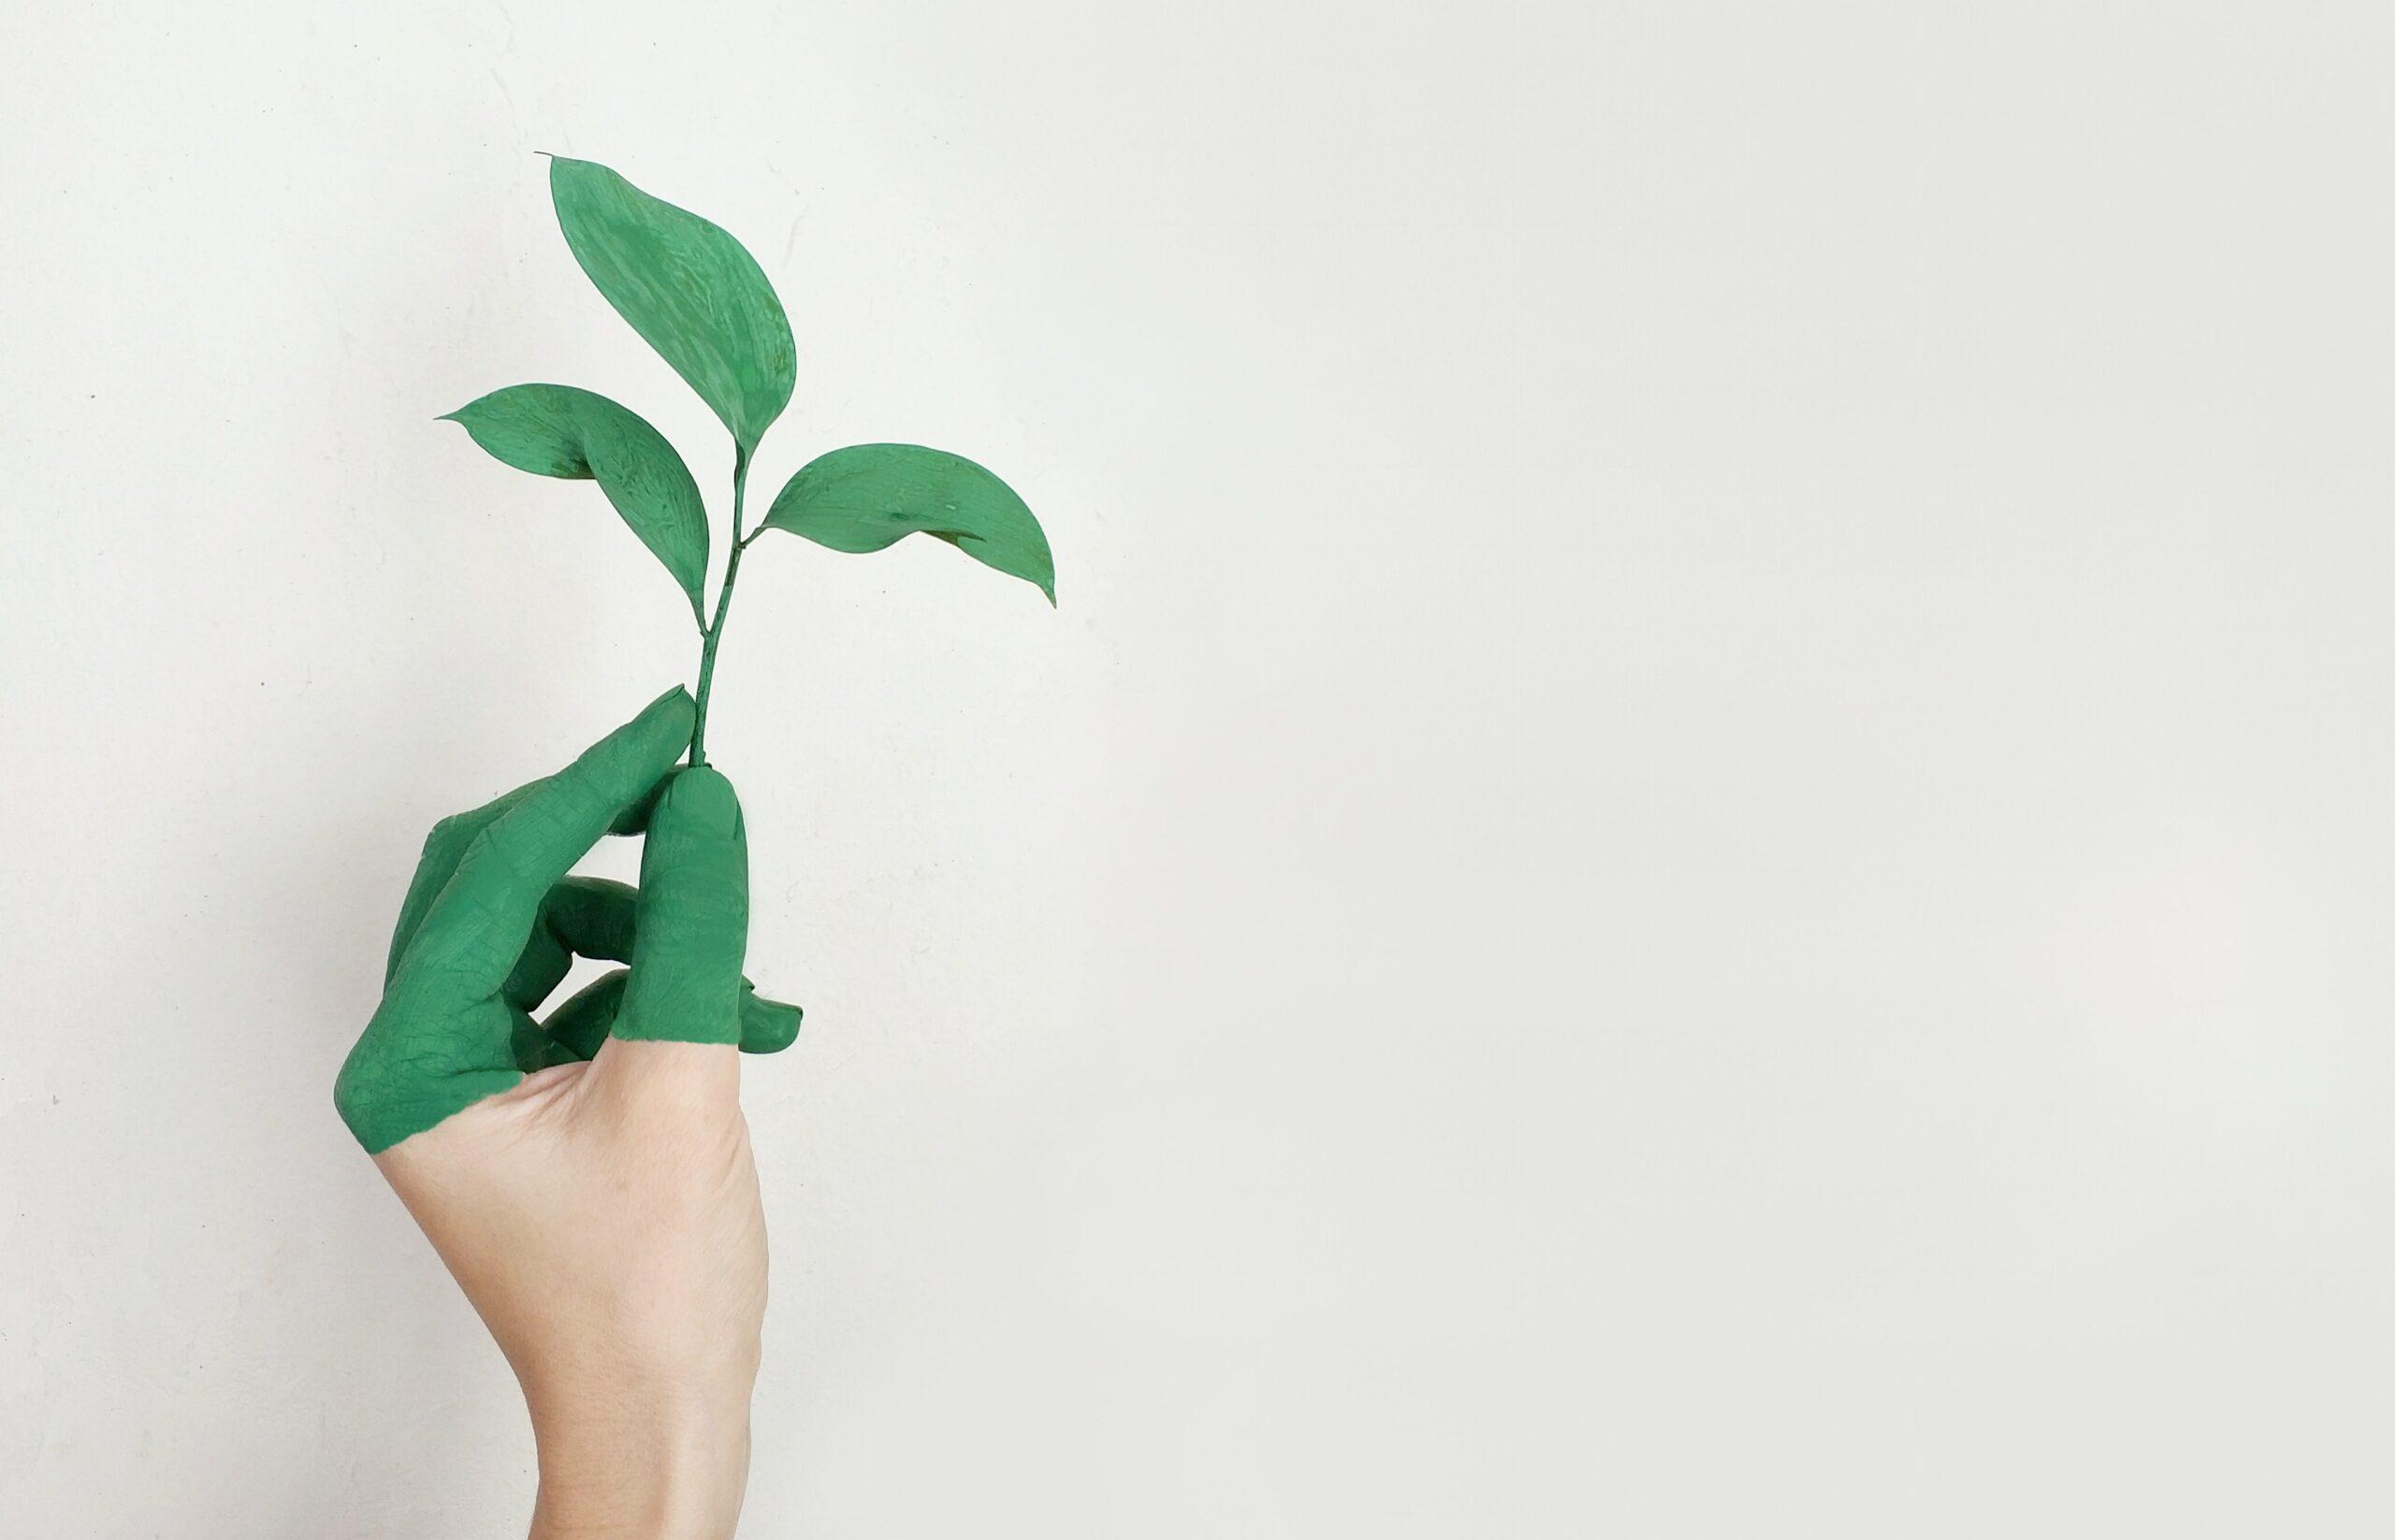 RSE impact environnemental